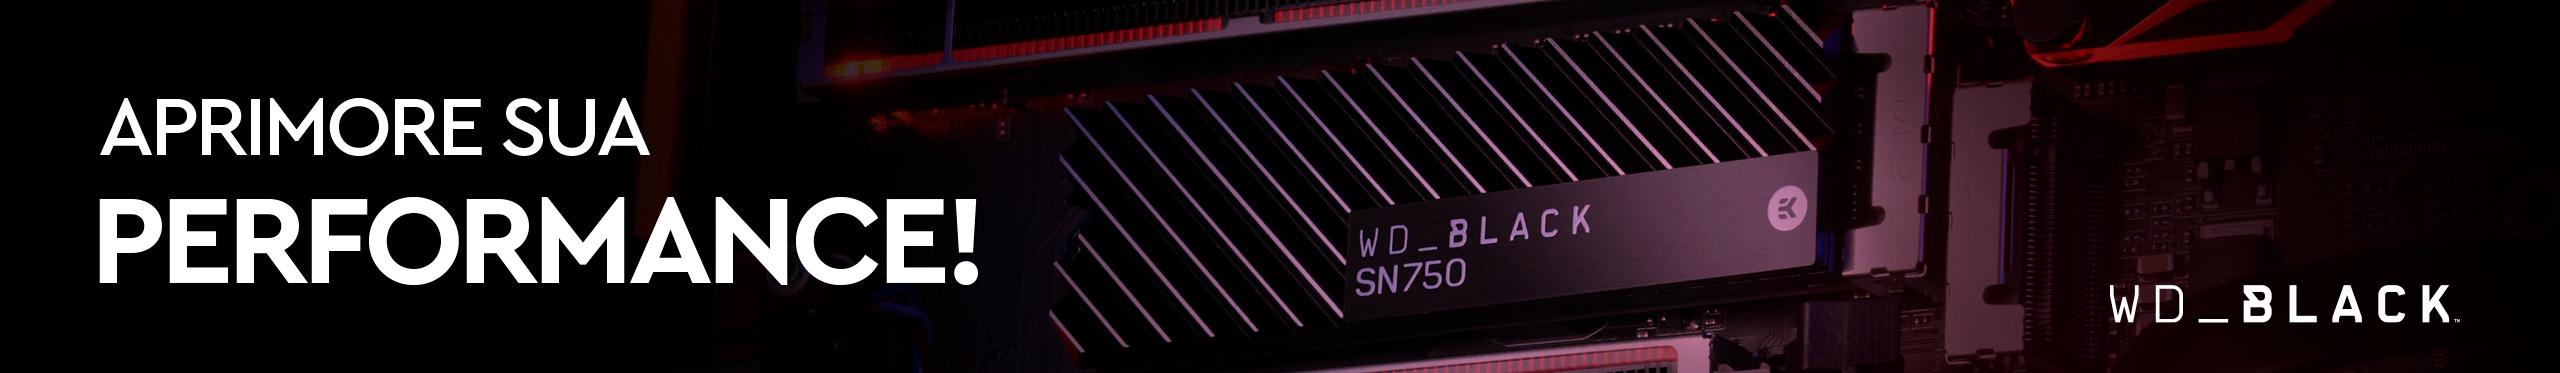 Aprimore sua velocidade com os SSDs WD BLACK.